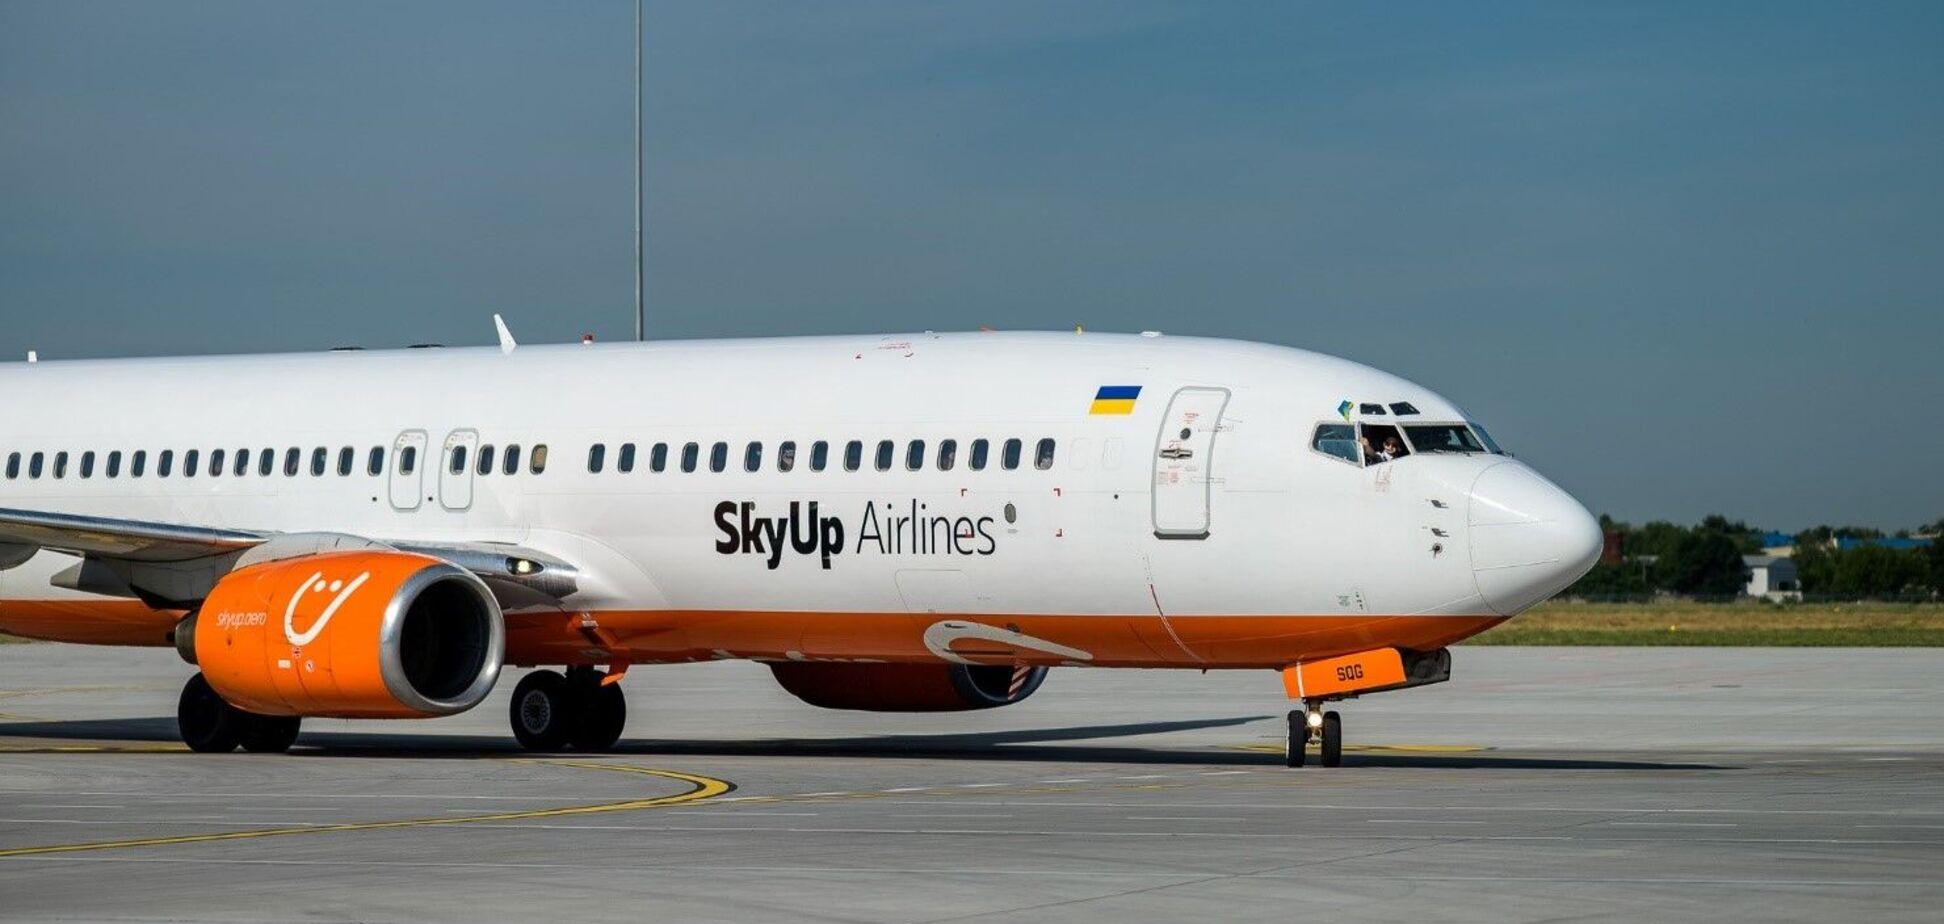 'Большая стройка' Зеленского запустила новую взлетно-посадочную полосу в аэропорту Одессы